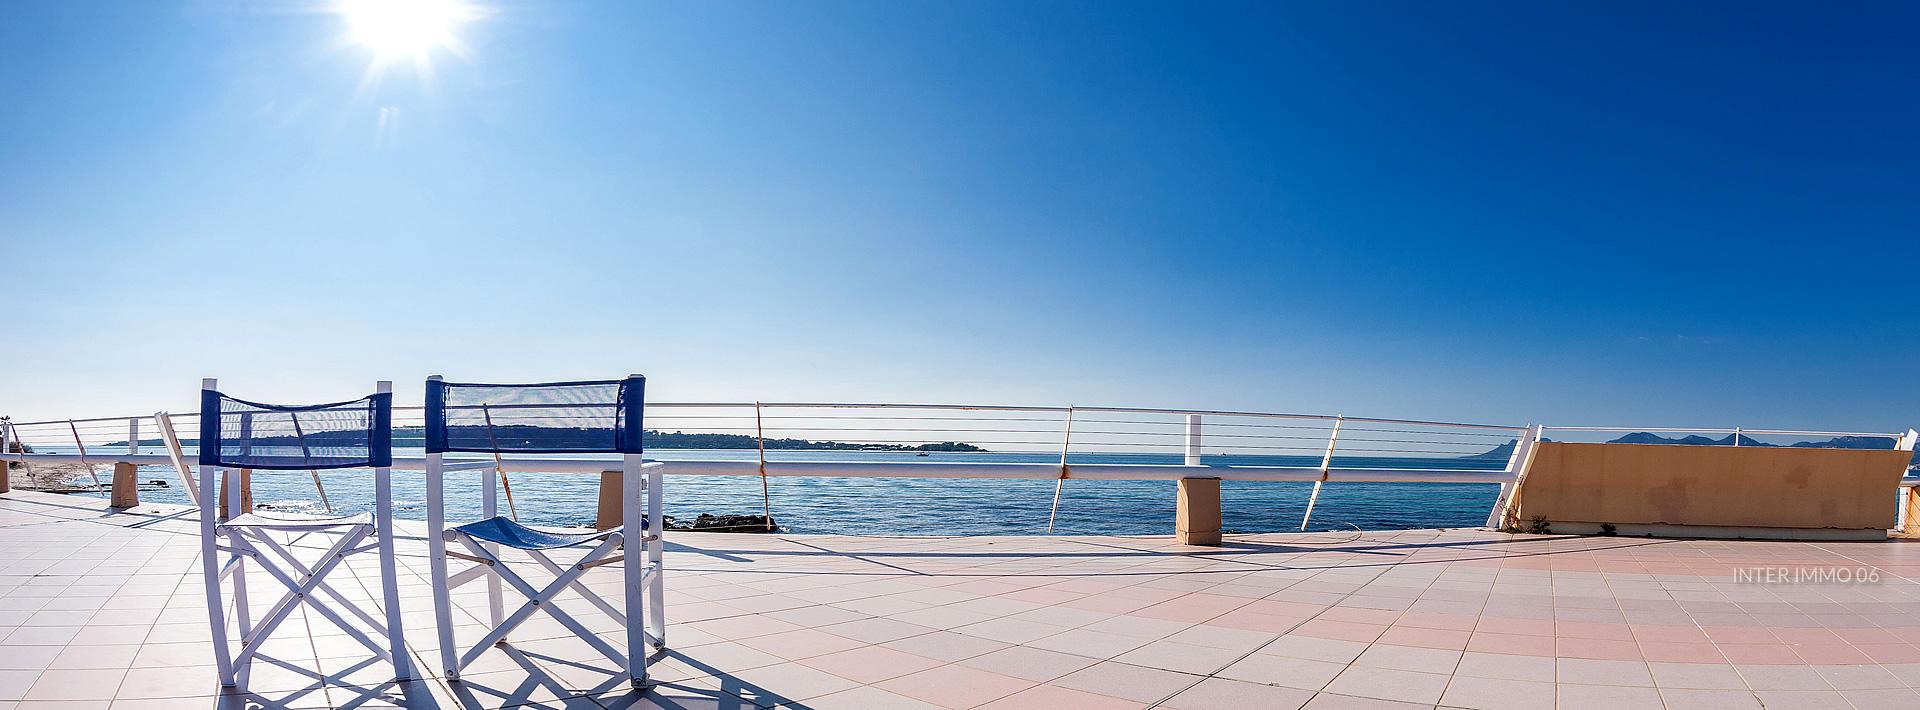 Bord de mer Cote d'Azur